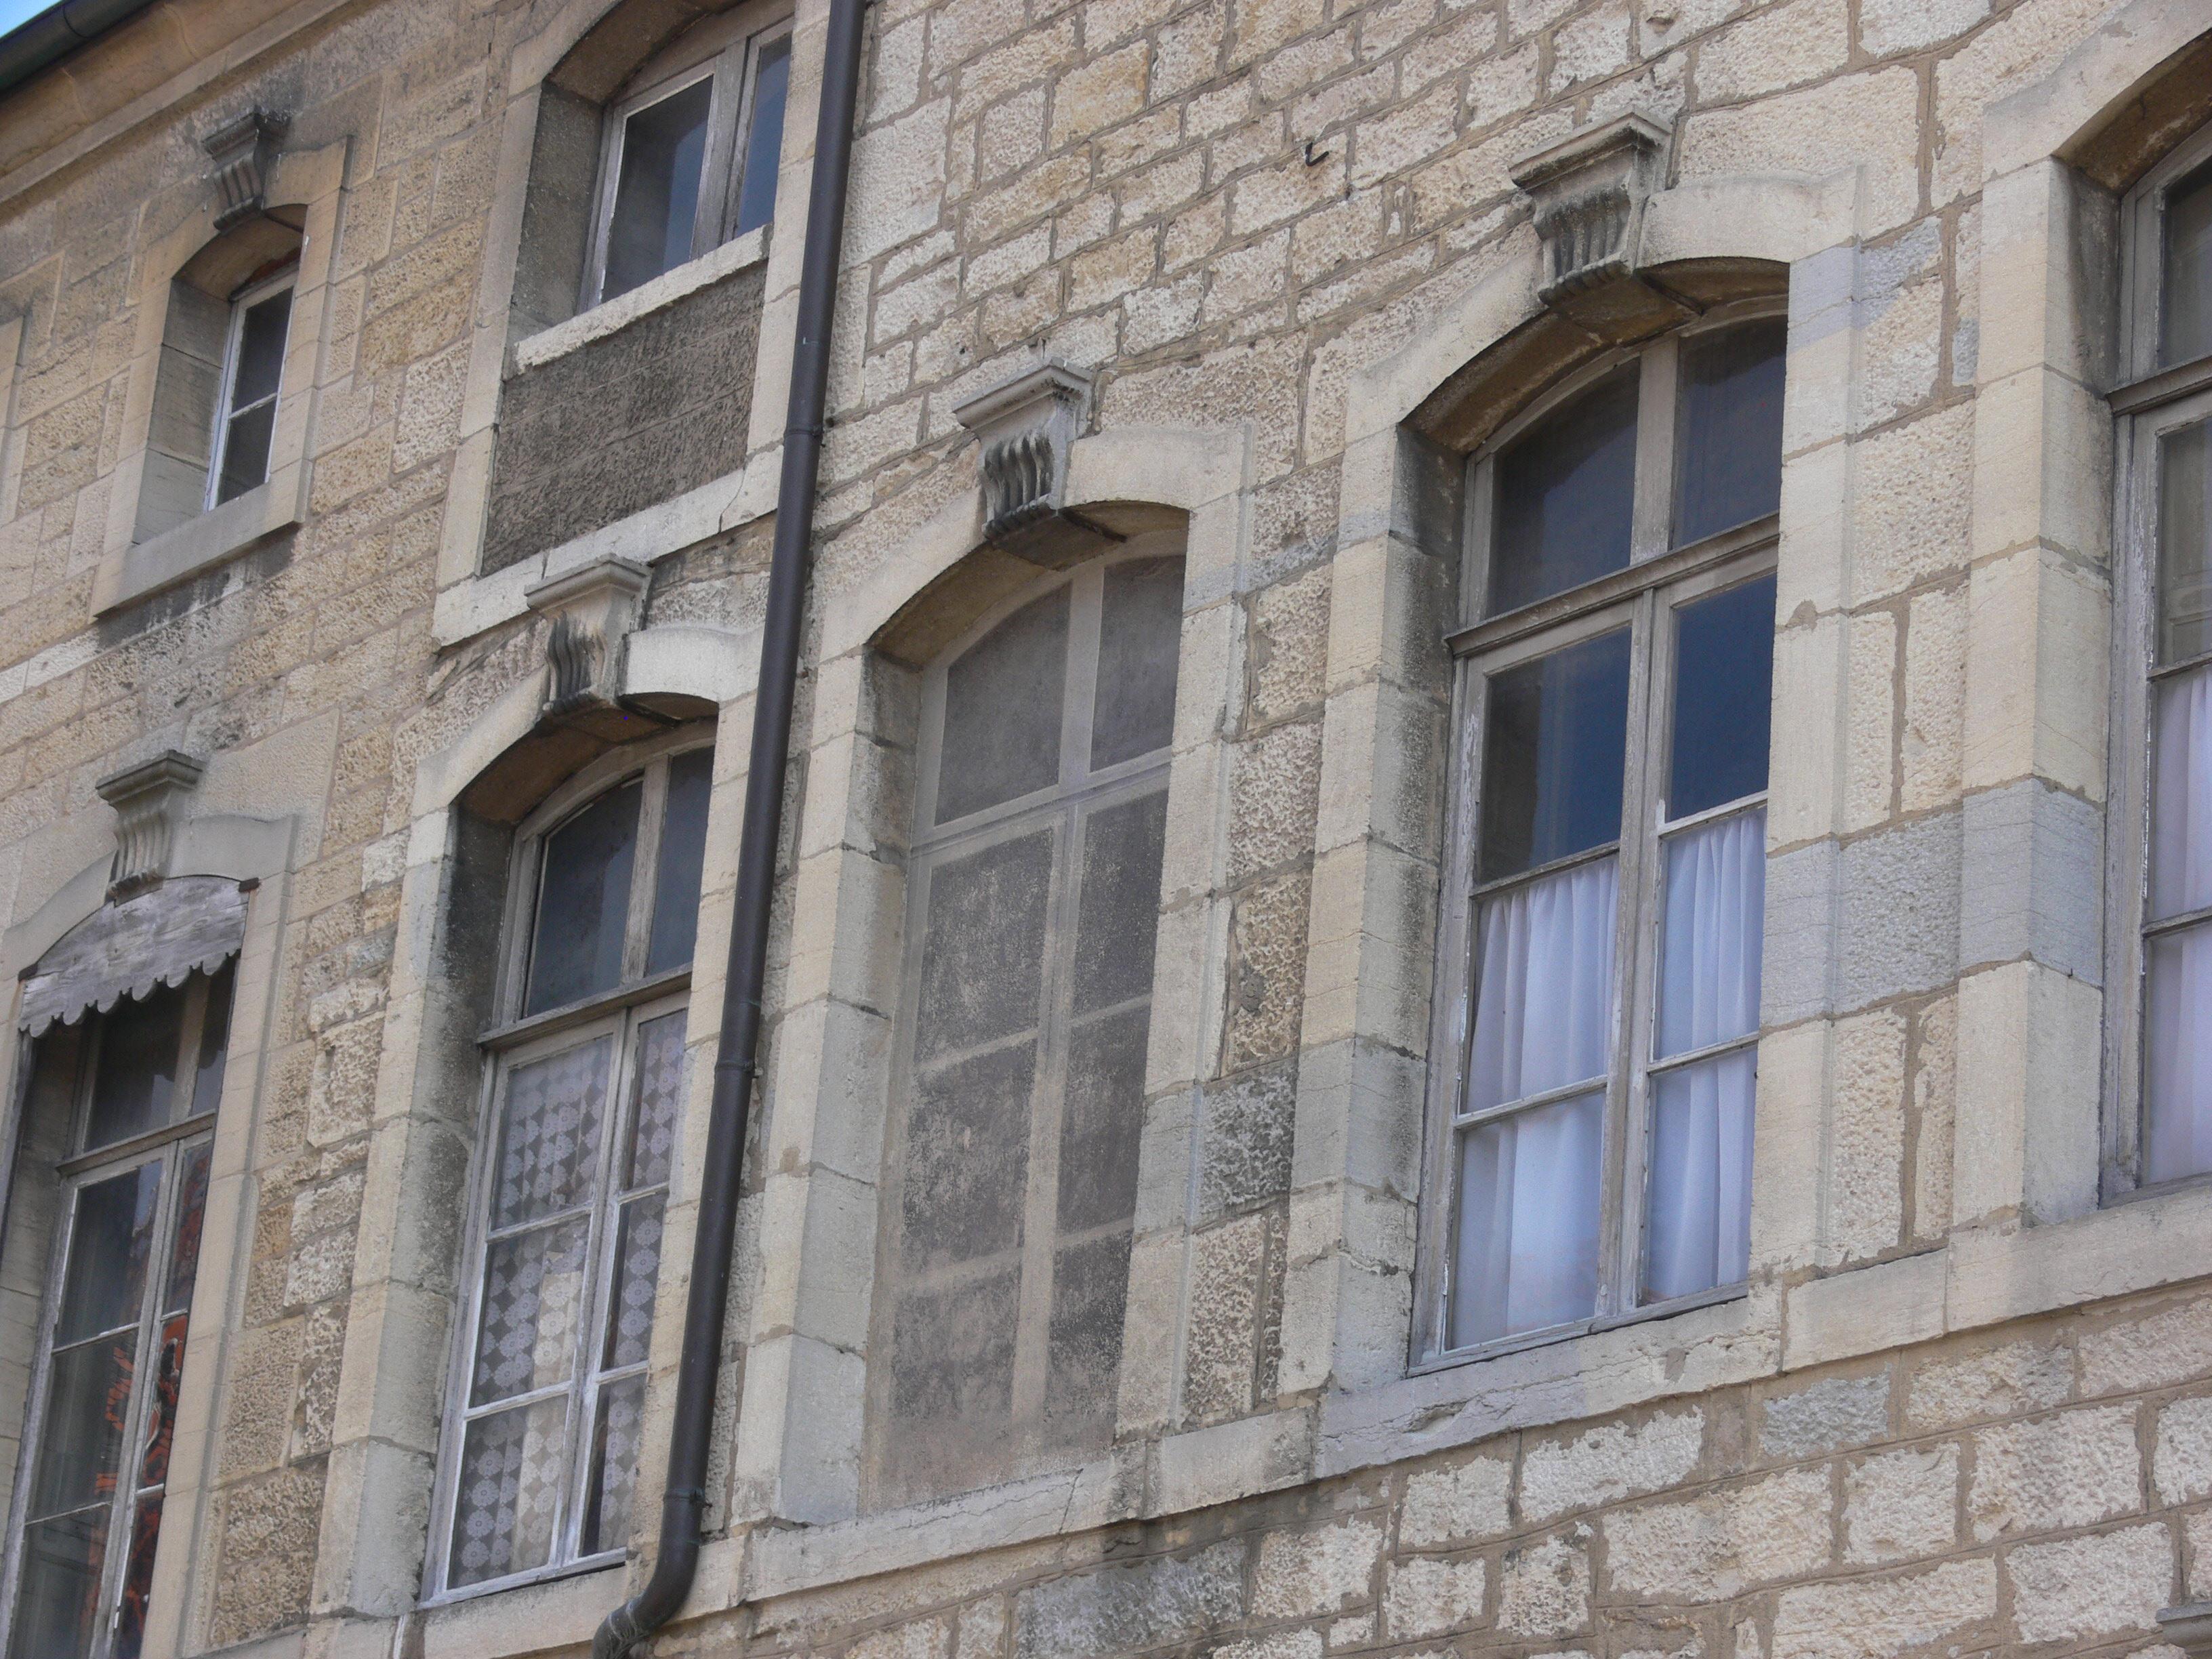 Trompe L Oeil Maison file:vesoul - maison ebaudy de rochetaillé - trompe l'oeil